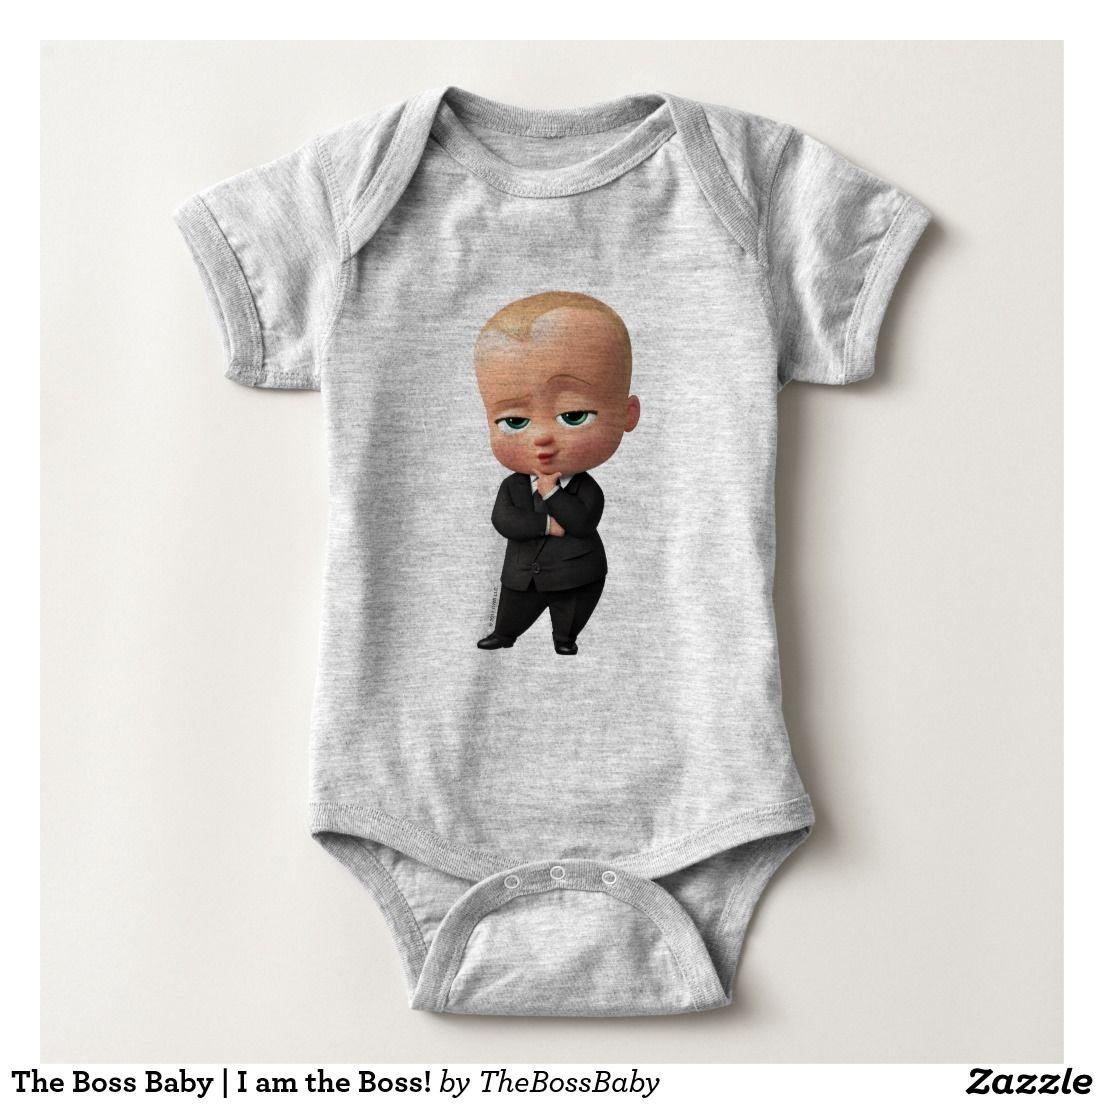 d6b1c6119bca1 The Boss Baby